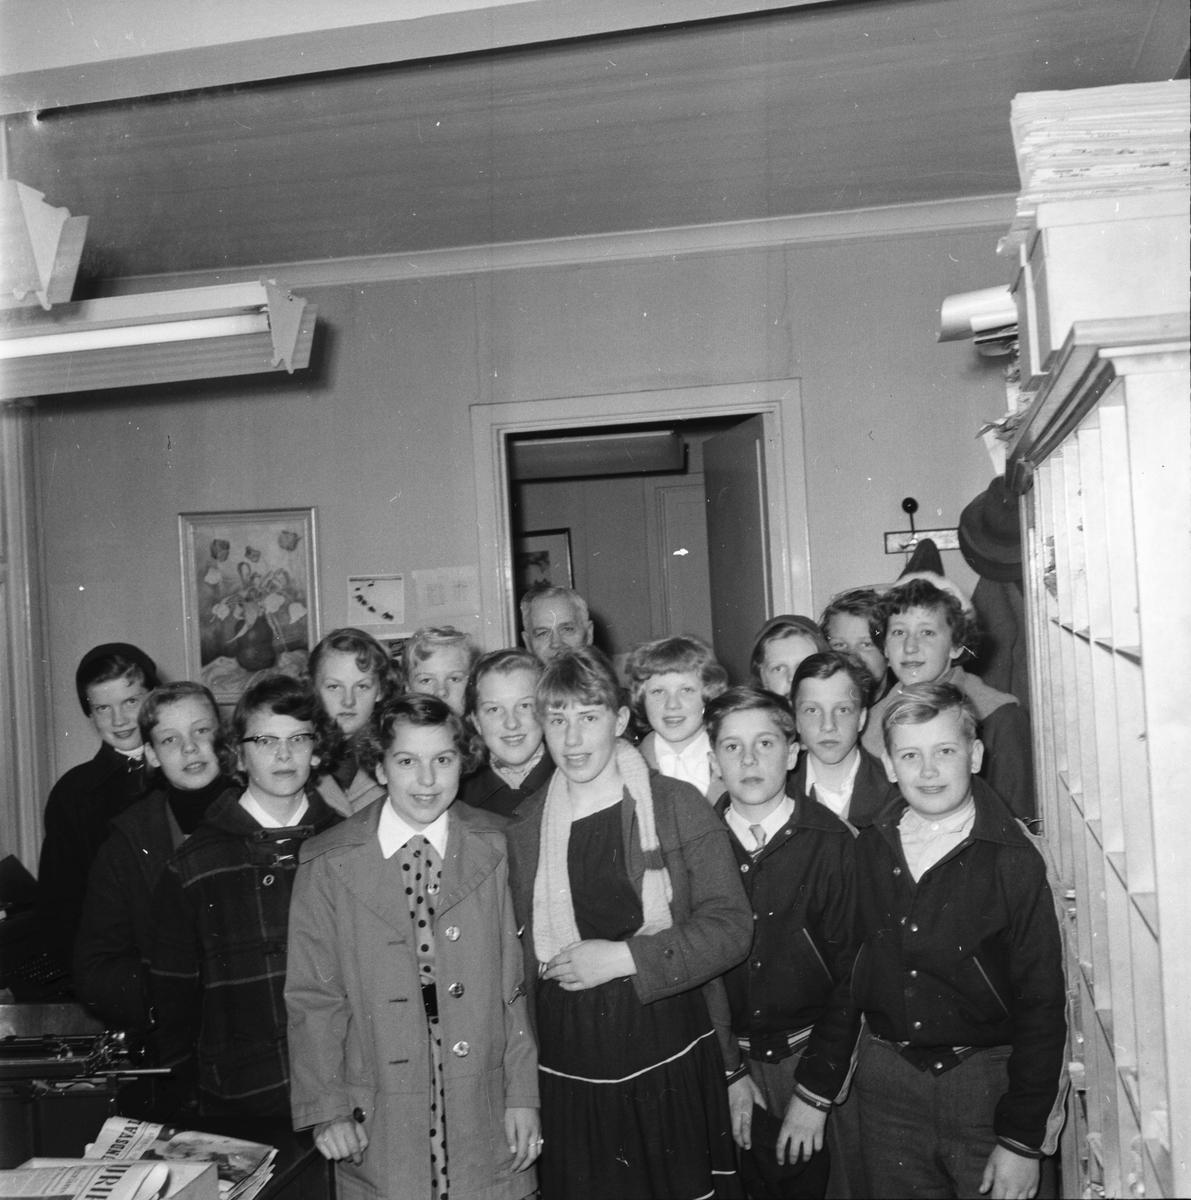 Voxnabarn besöker Ljusnan. April 1956